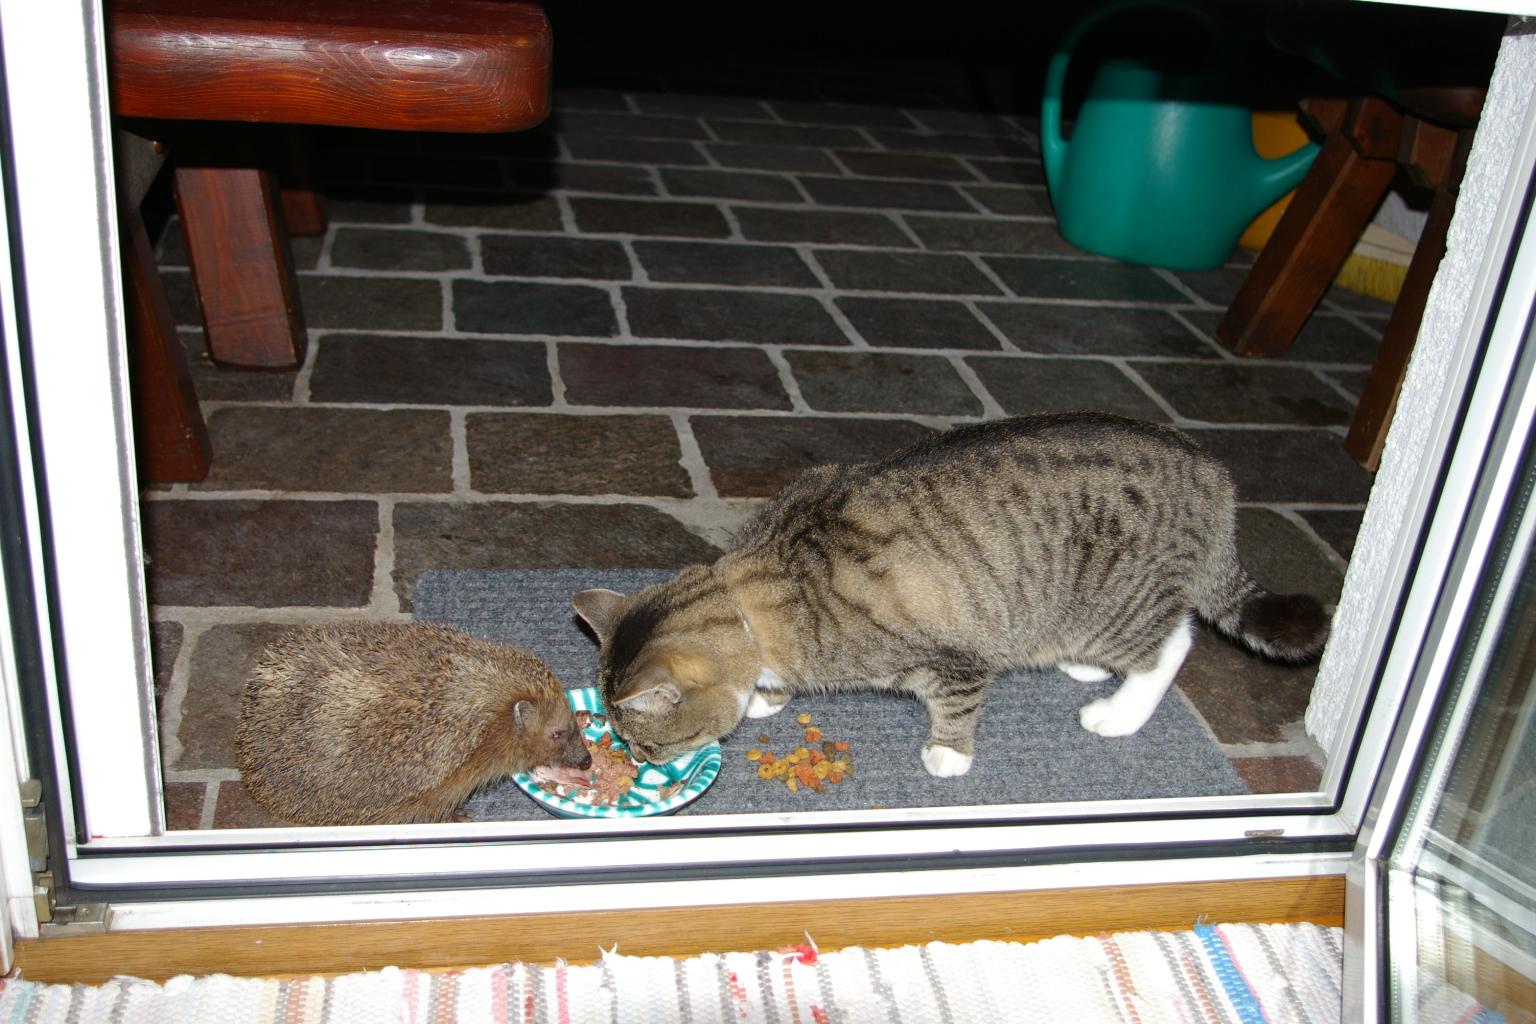 Igel und Katze beim Fressen